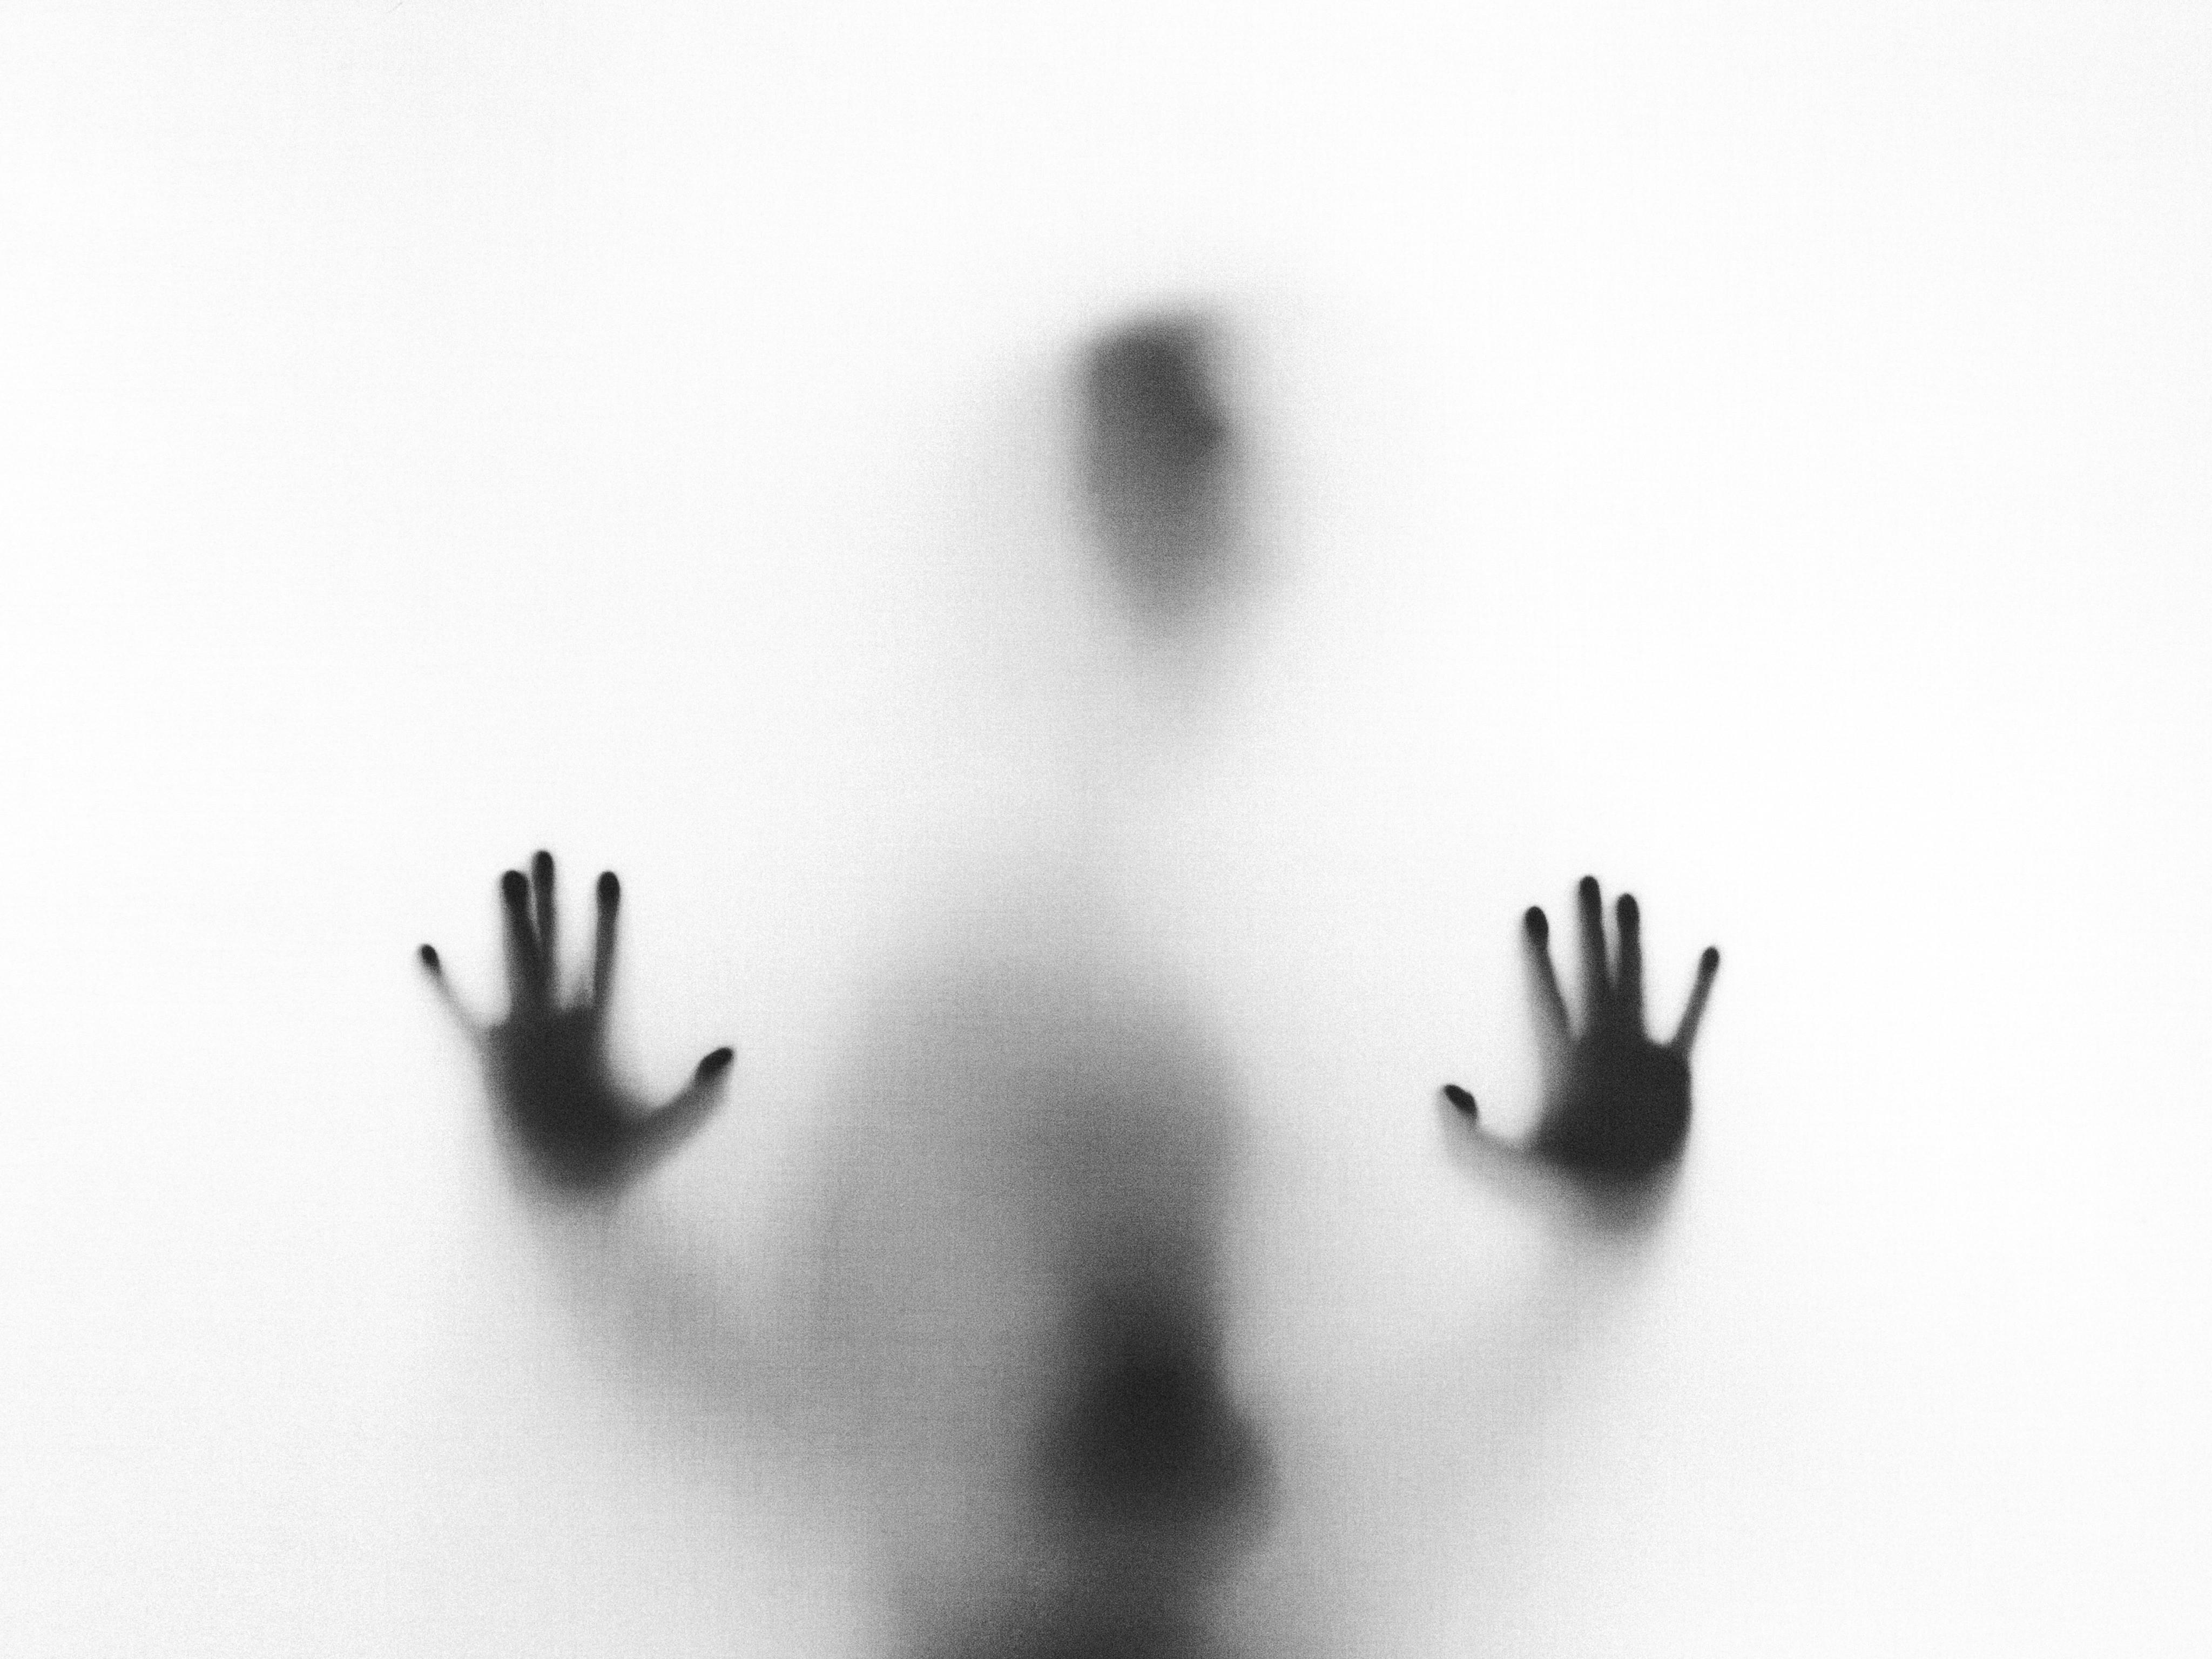 Обида вызывает рак, а страх — мочекаменную болезнь. Как на тело влияет психосоматика?